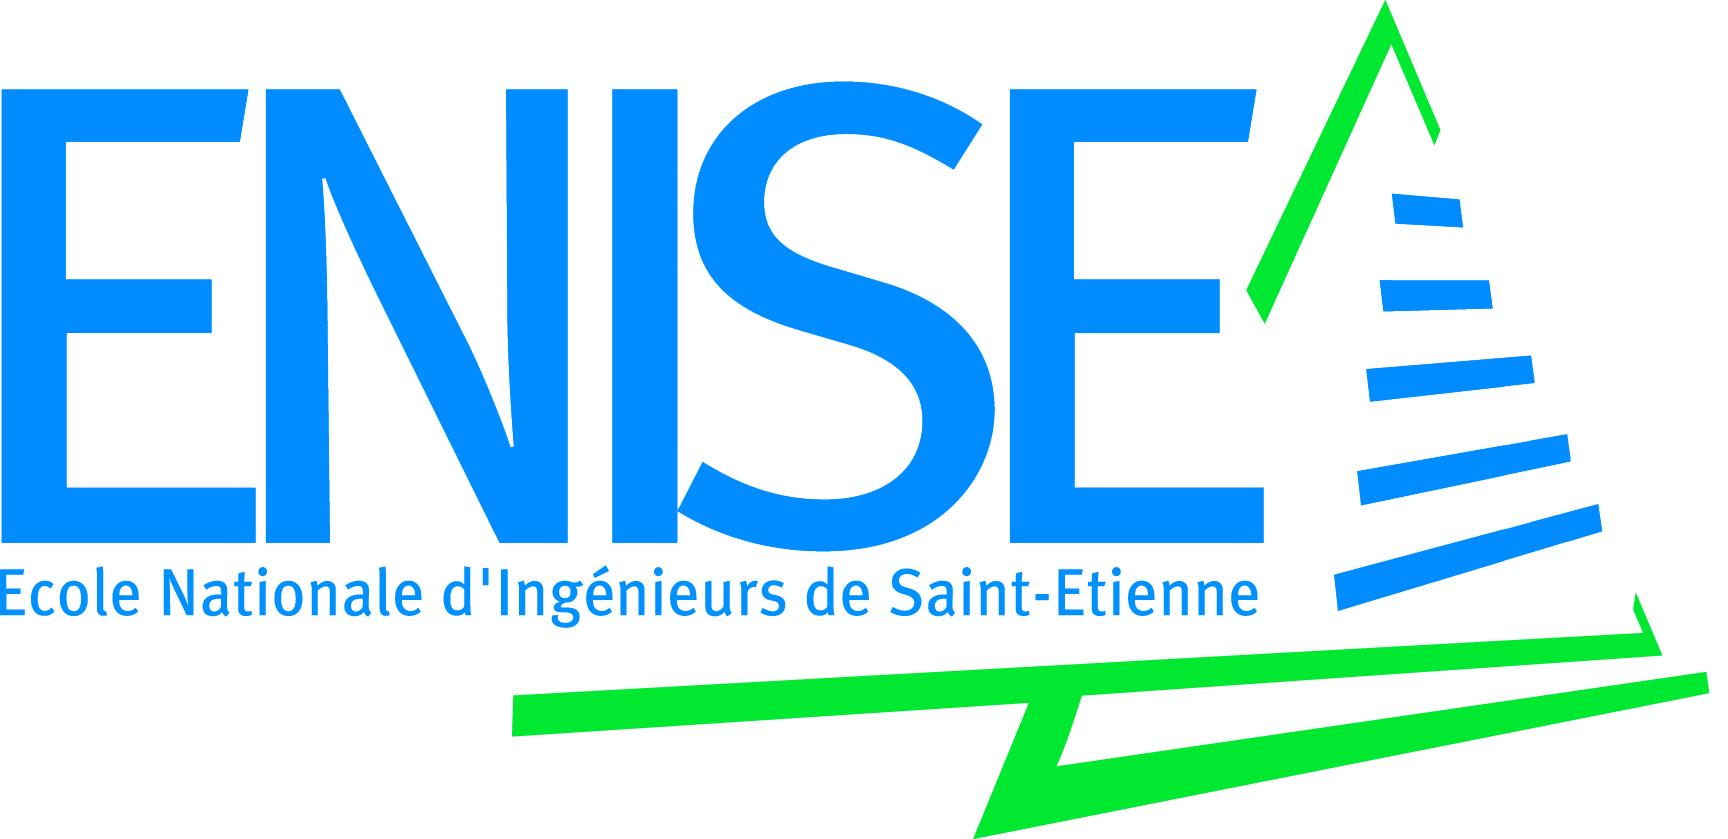 ENISE : École Nationale d'Ingénieurs de Saint-Étienne